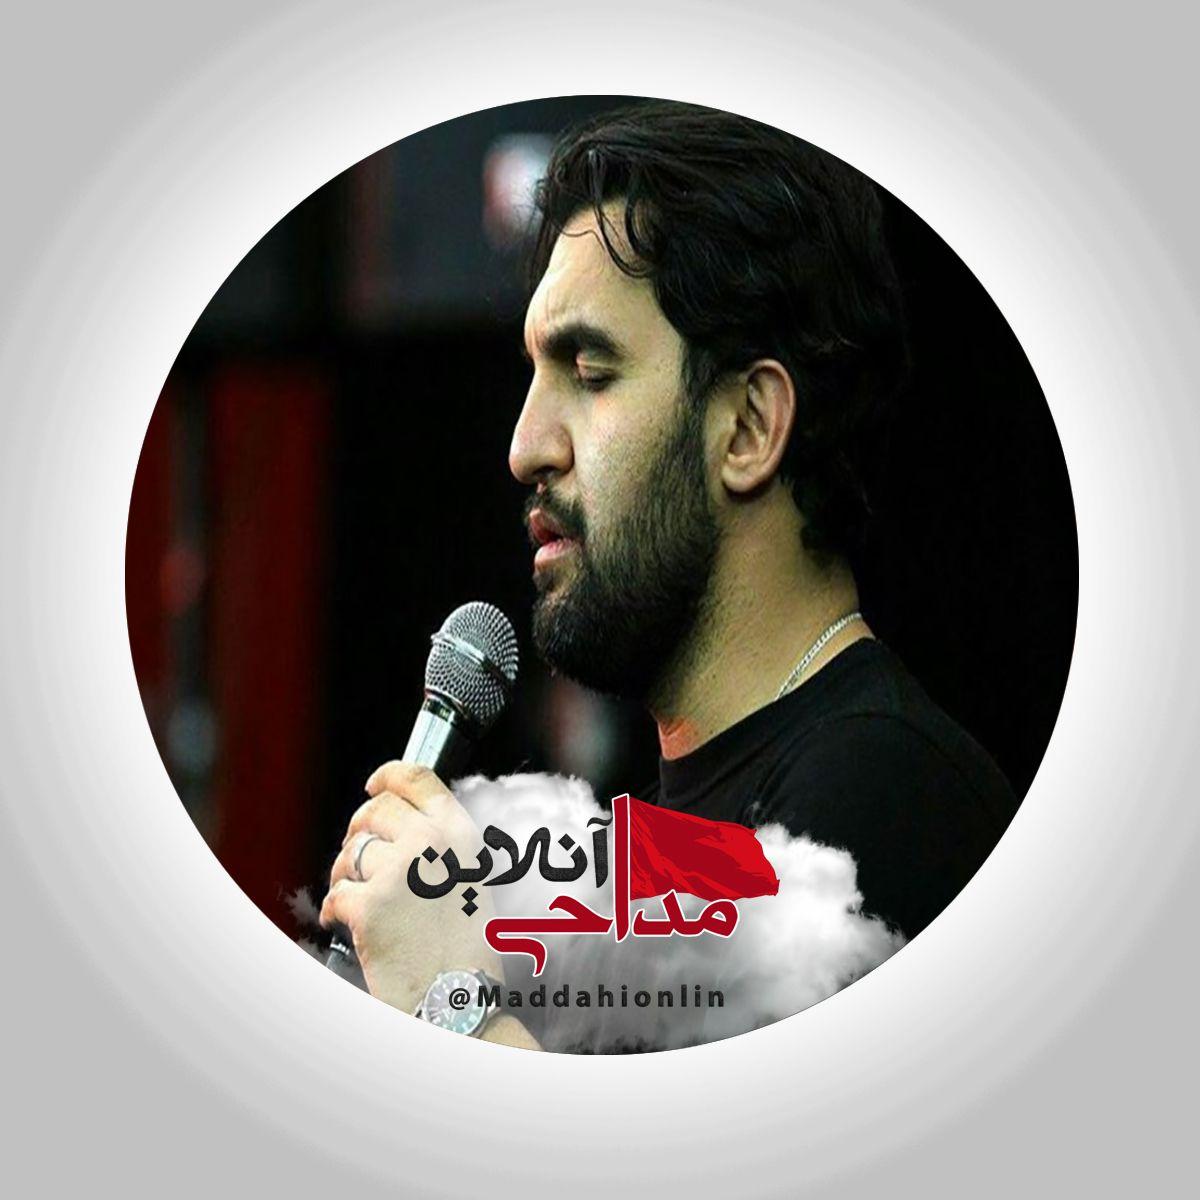 حمید علیمی شب نهم تاسوعا محرم 98